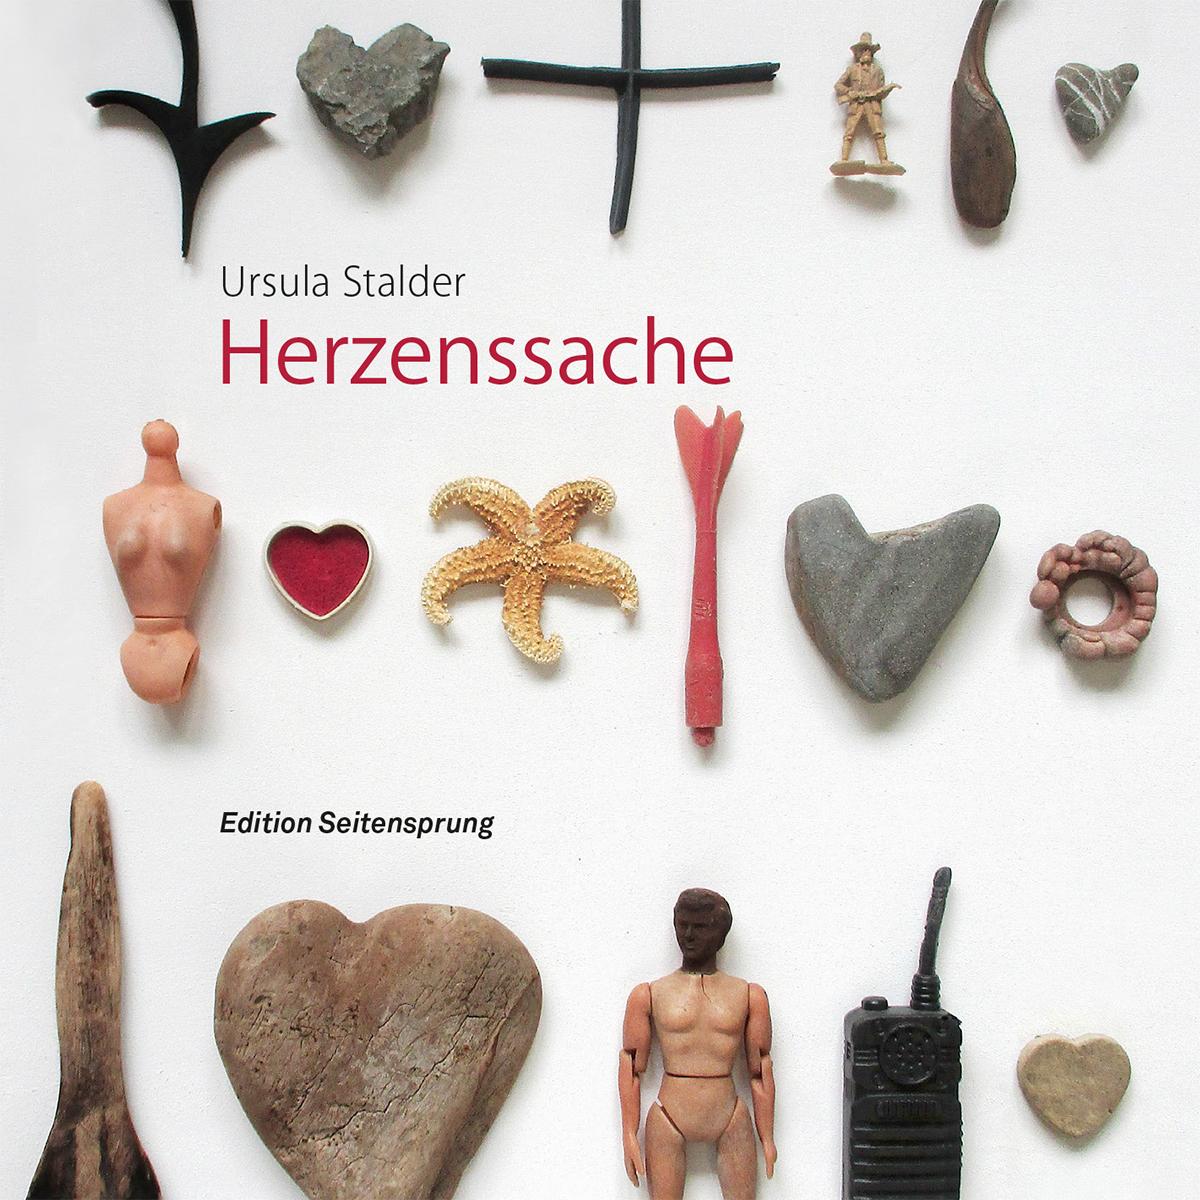 U_Stalder Umschlag.indd